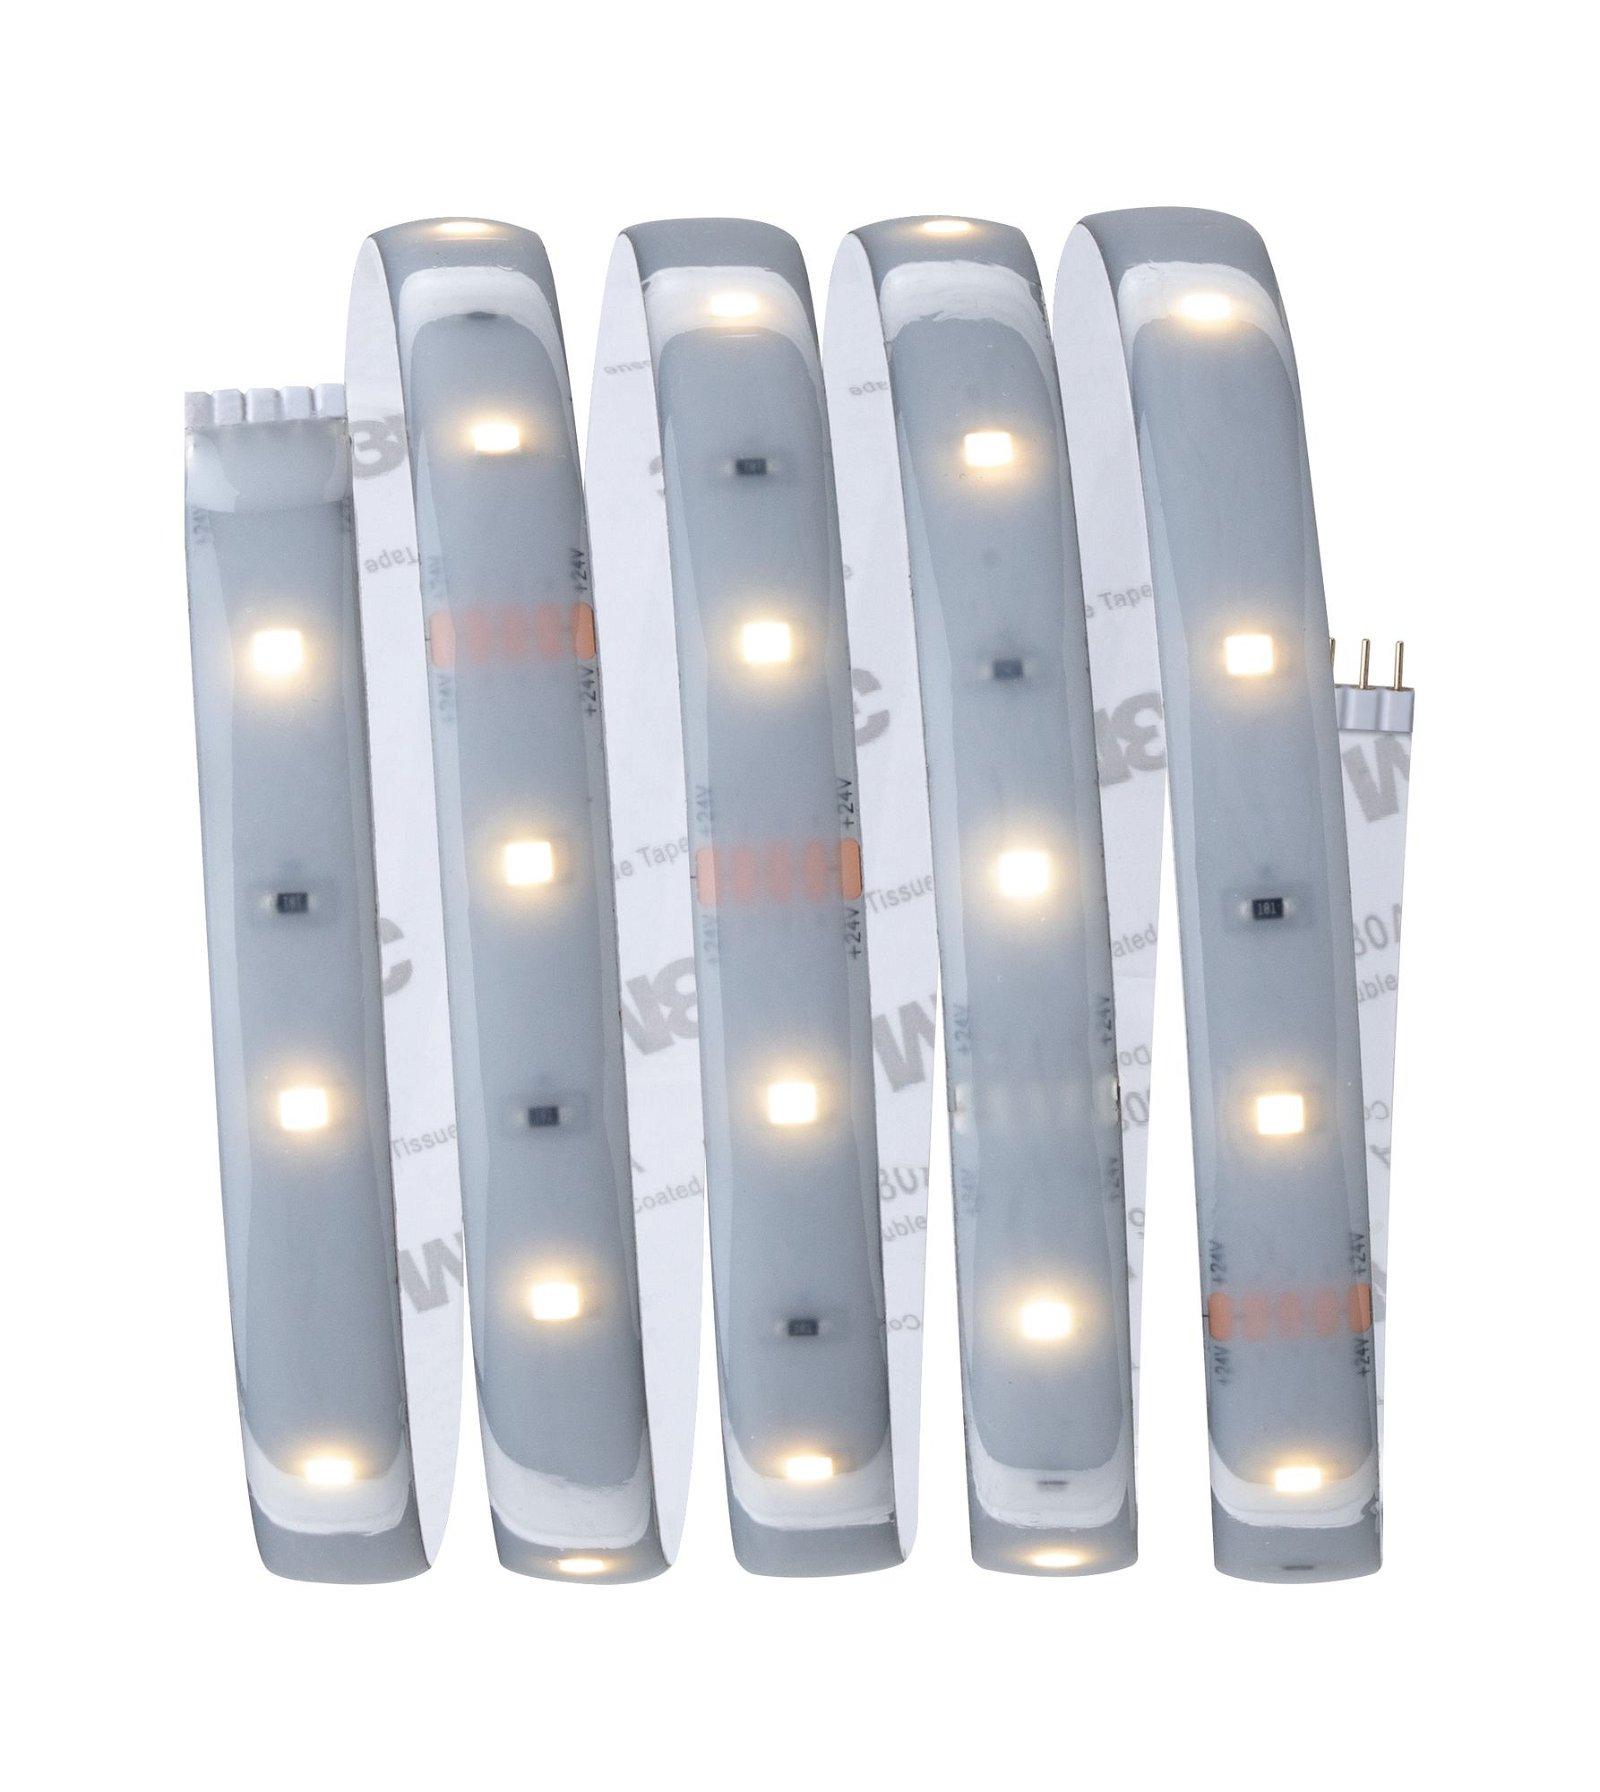 MaxLED 250 LED Strip Warmweiß 1,5m beschichtet IP44 6W 450lm 2700K 24VA